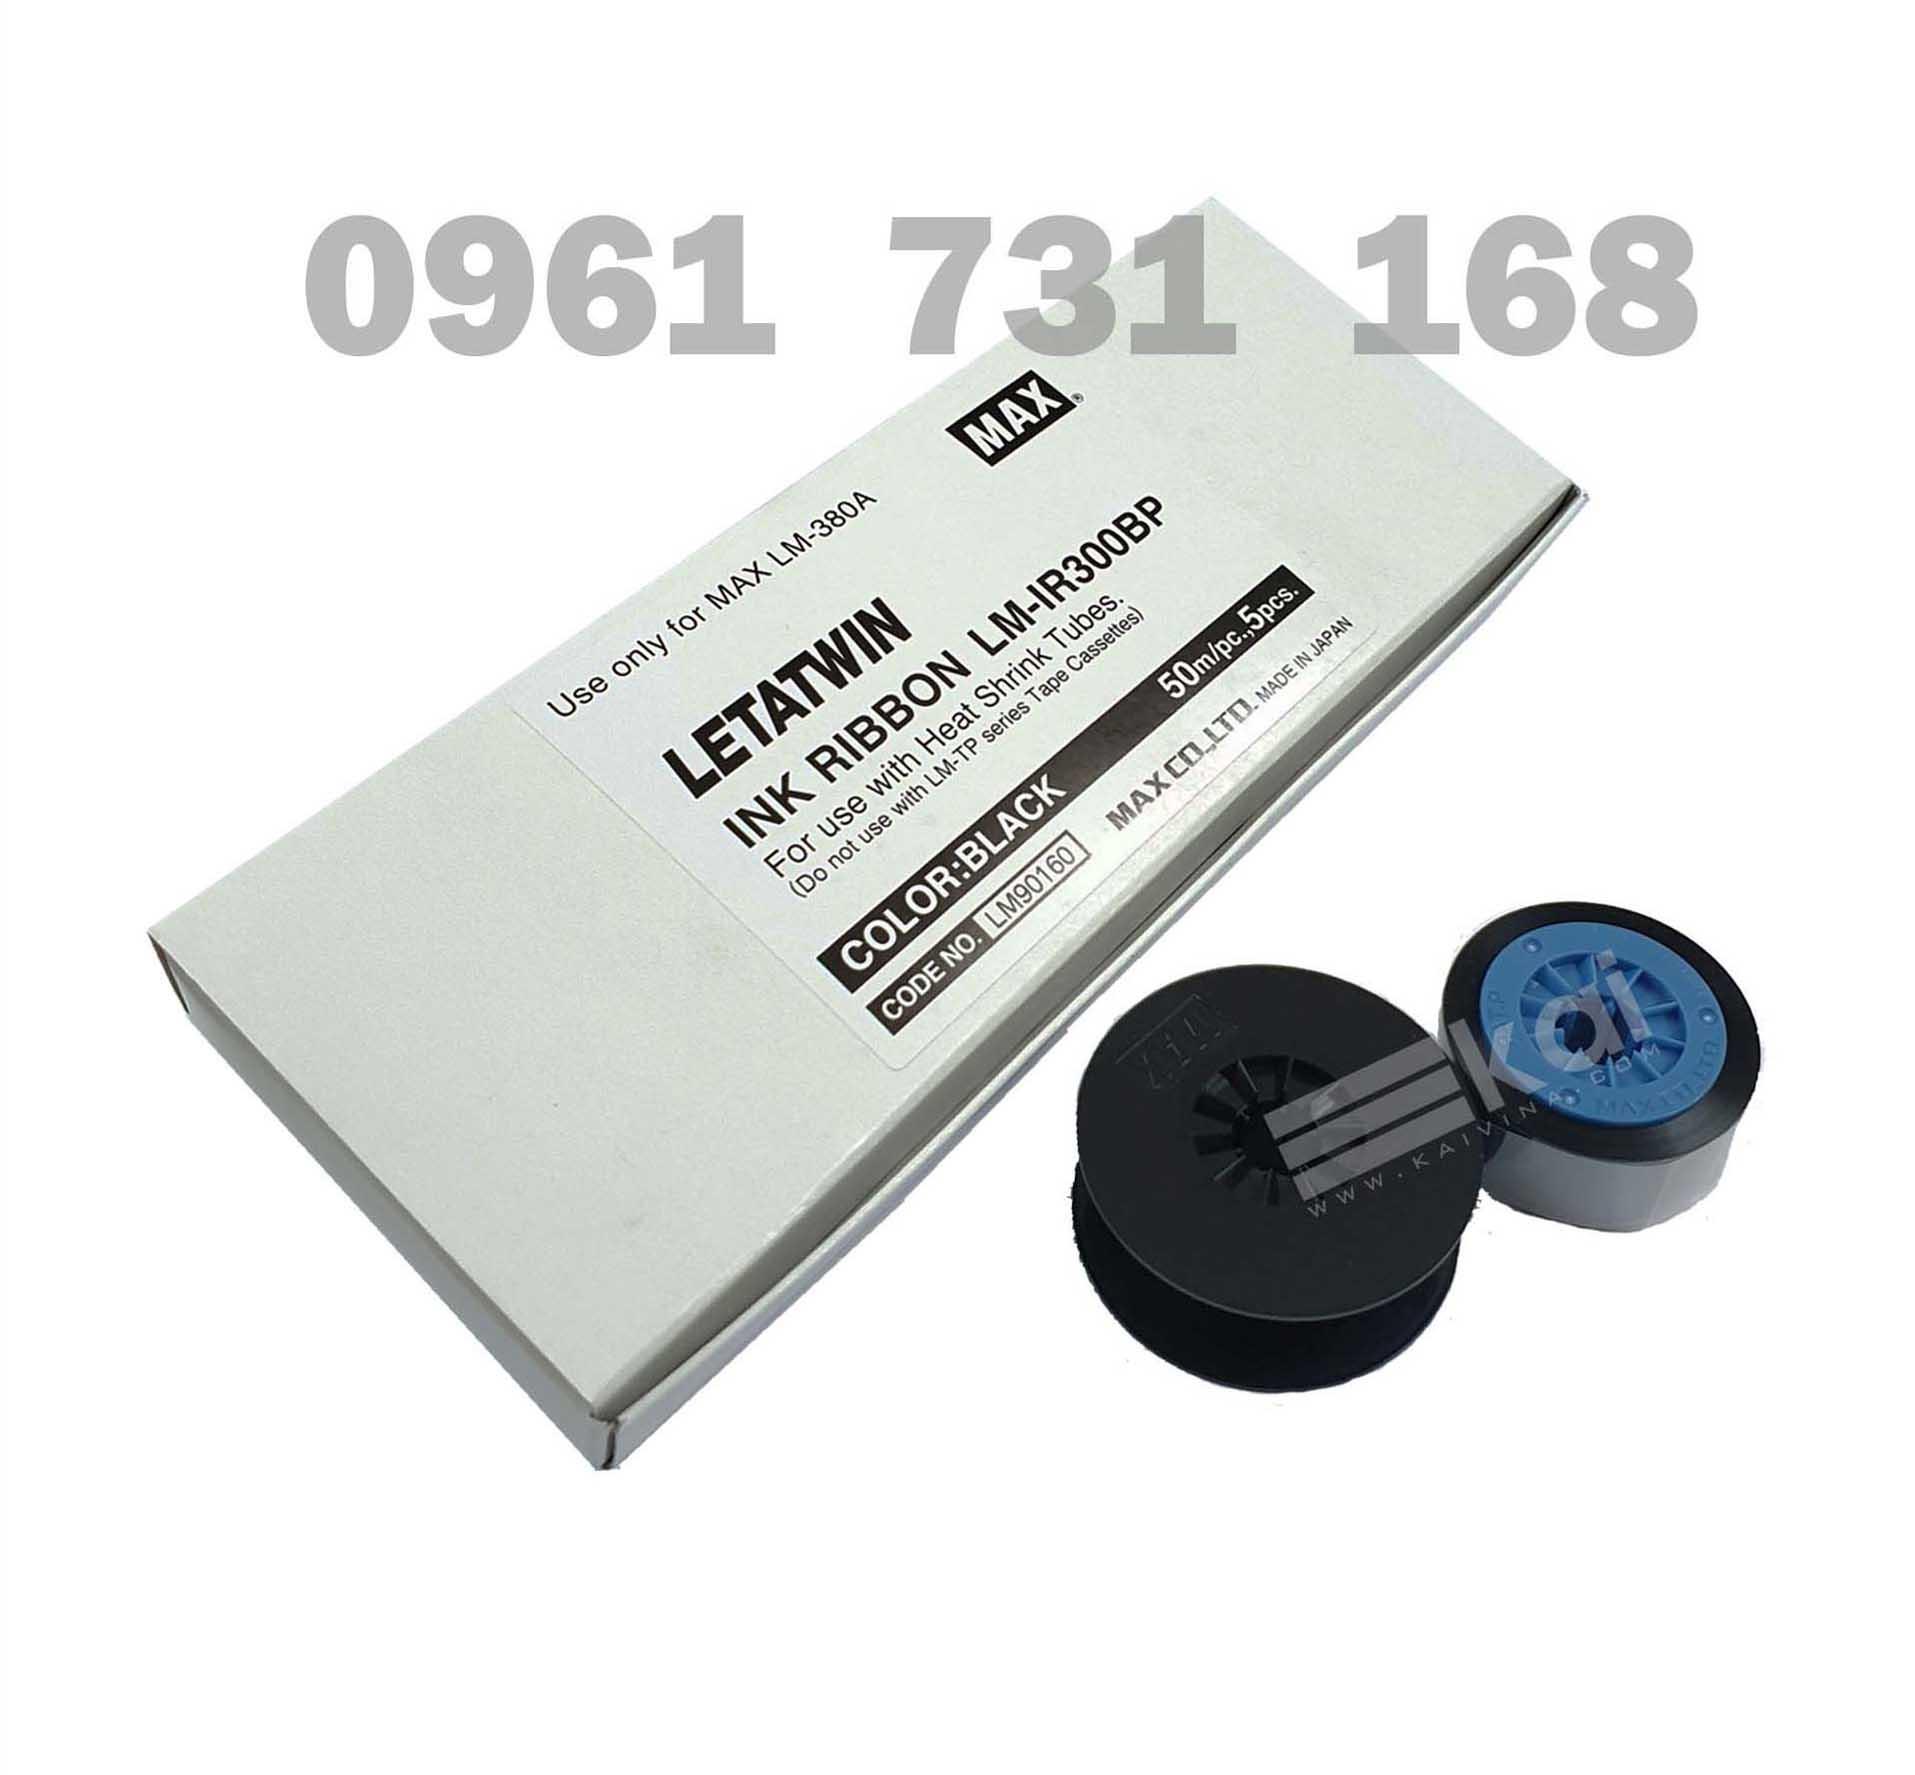 MỰC IN ỐNG CO NHIỆT LM-IR300BP, LM-IR50BP